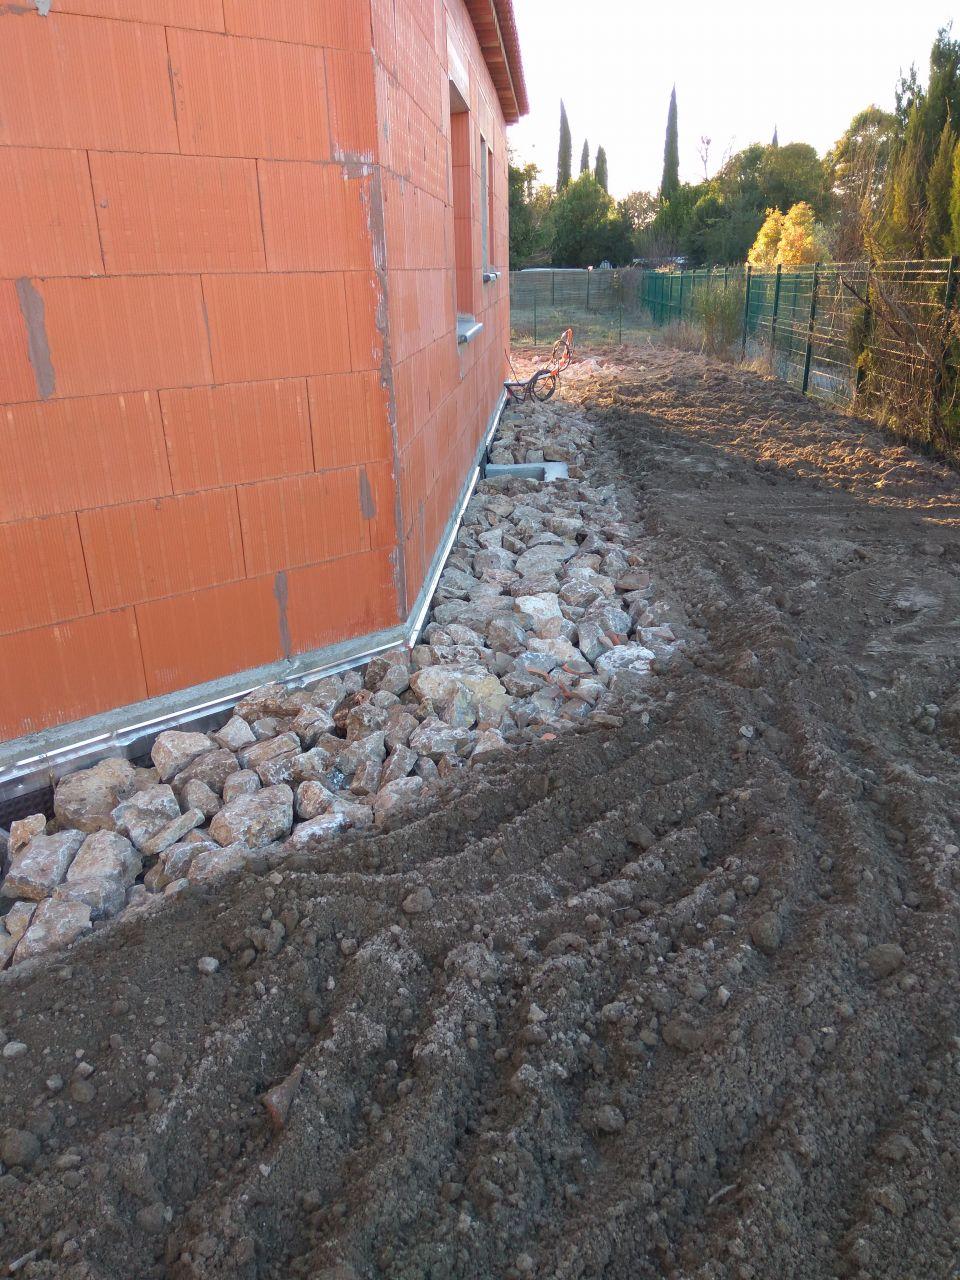 Tout le tour de la maison est empierré pour faciliter l?infiltration des eaux de pluie tombées du toit (génoises sans gouttières)vers le drain.